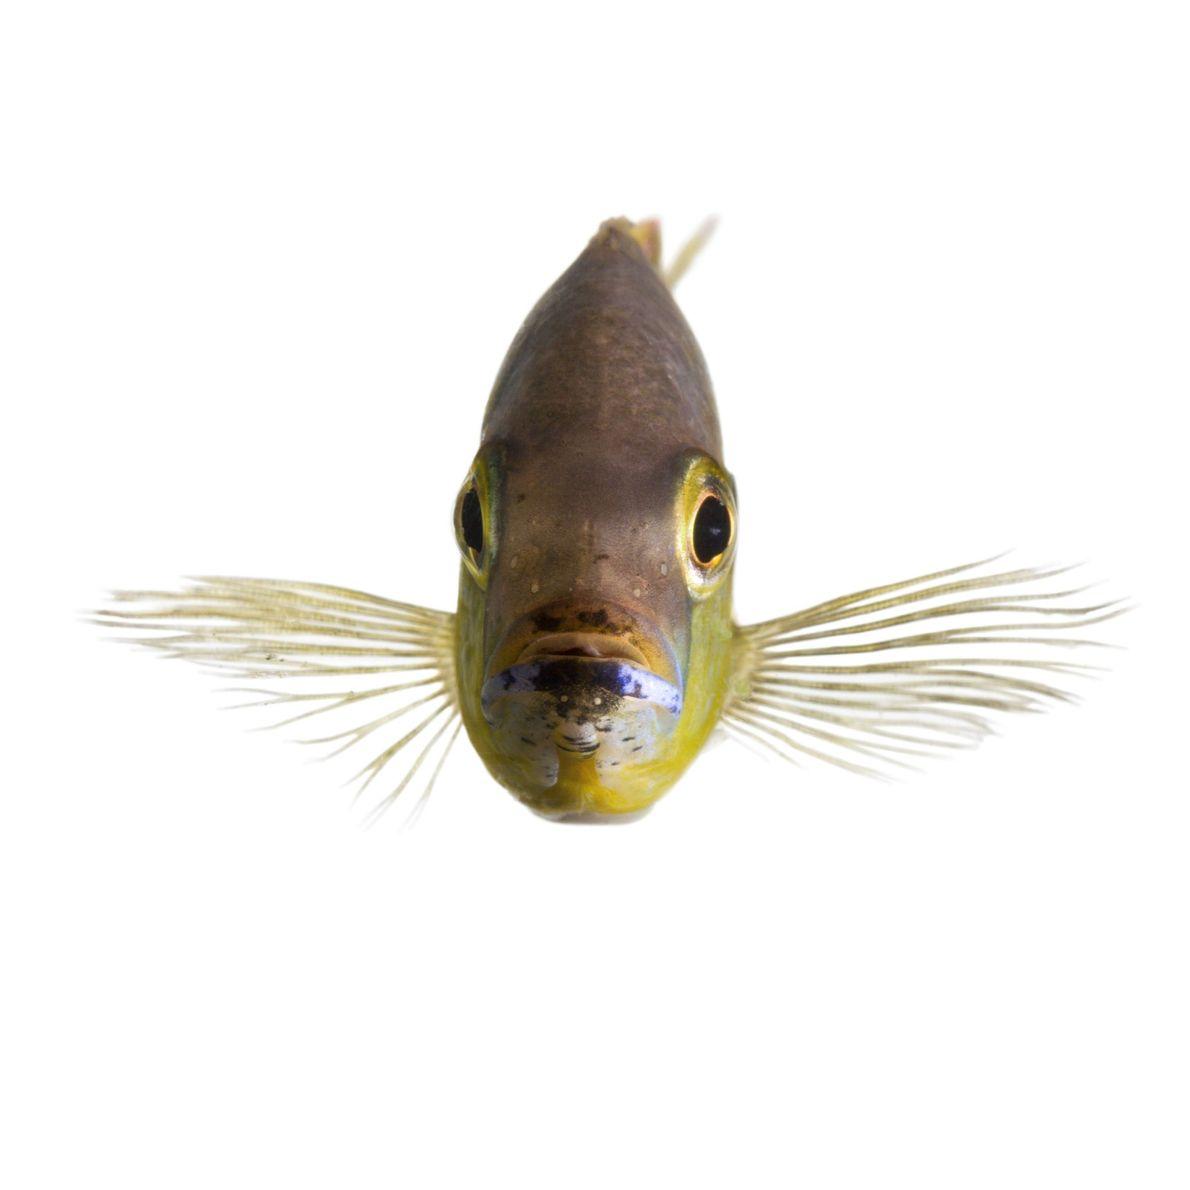 Certains poissons cichlidés africains natifs du lac Tanganyika en Afrique de l'Est sont capables de faire …